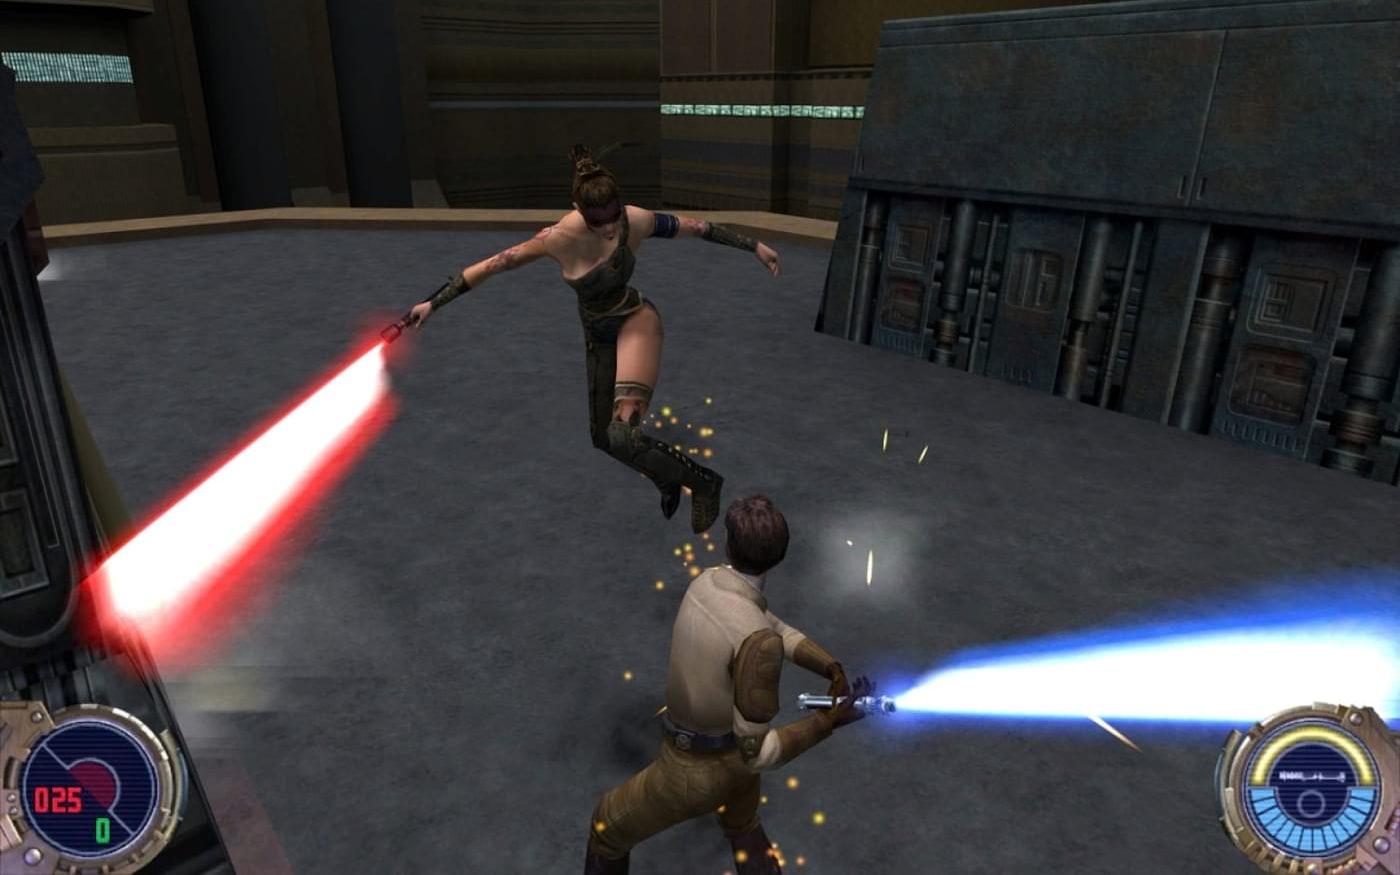 Jedi Knight: Jedi Outcast e Jedi Academy para Nintendo Switch e Playstation 4 chegarão em breve